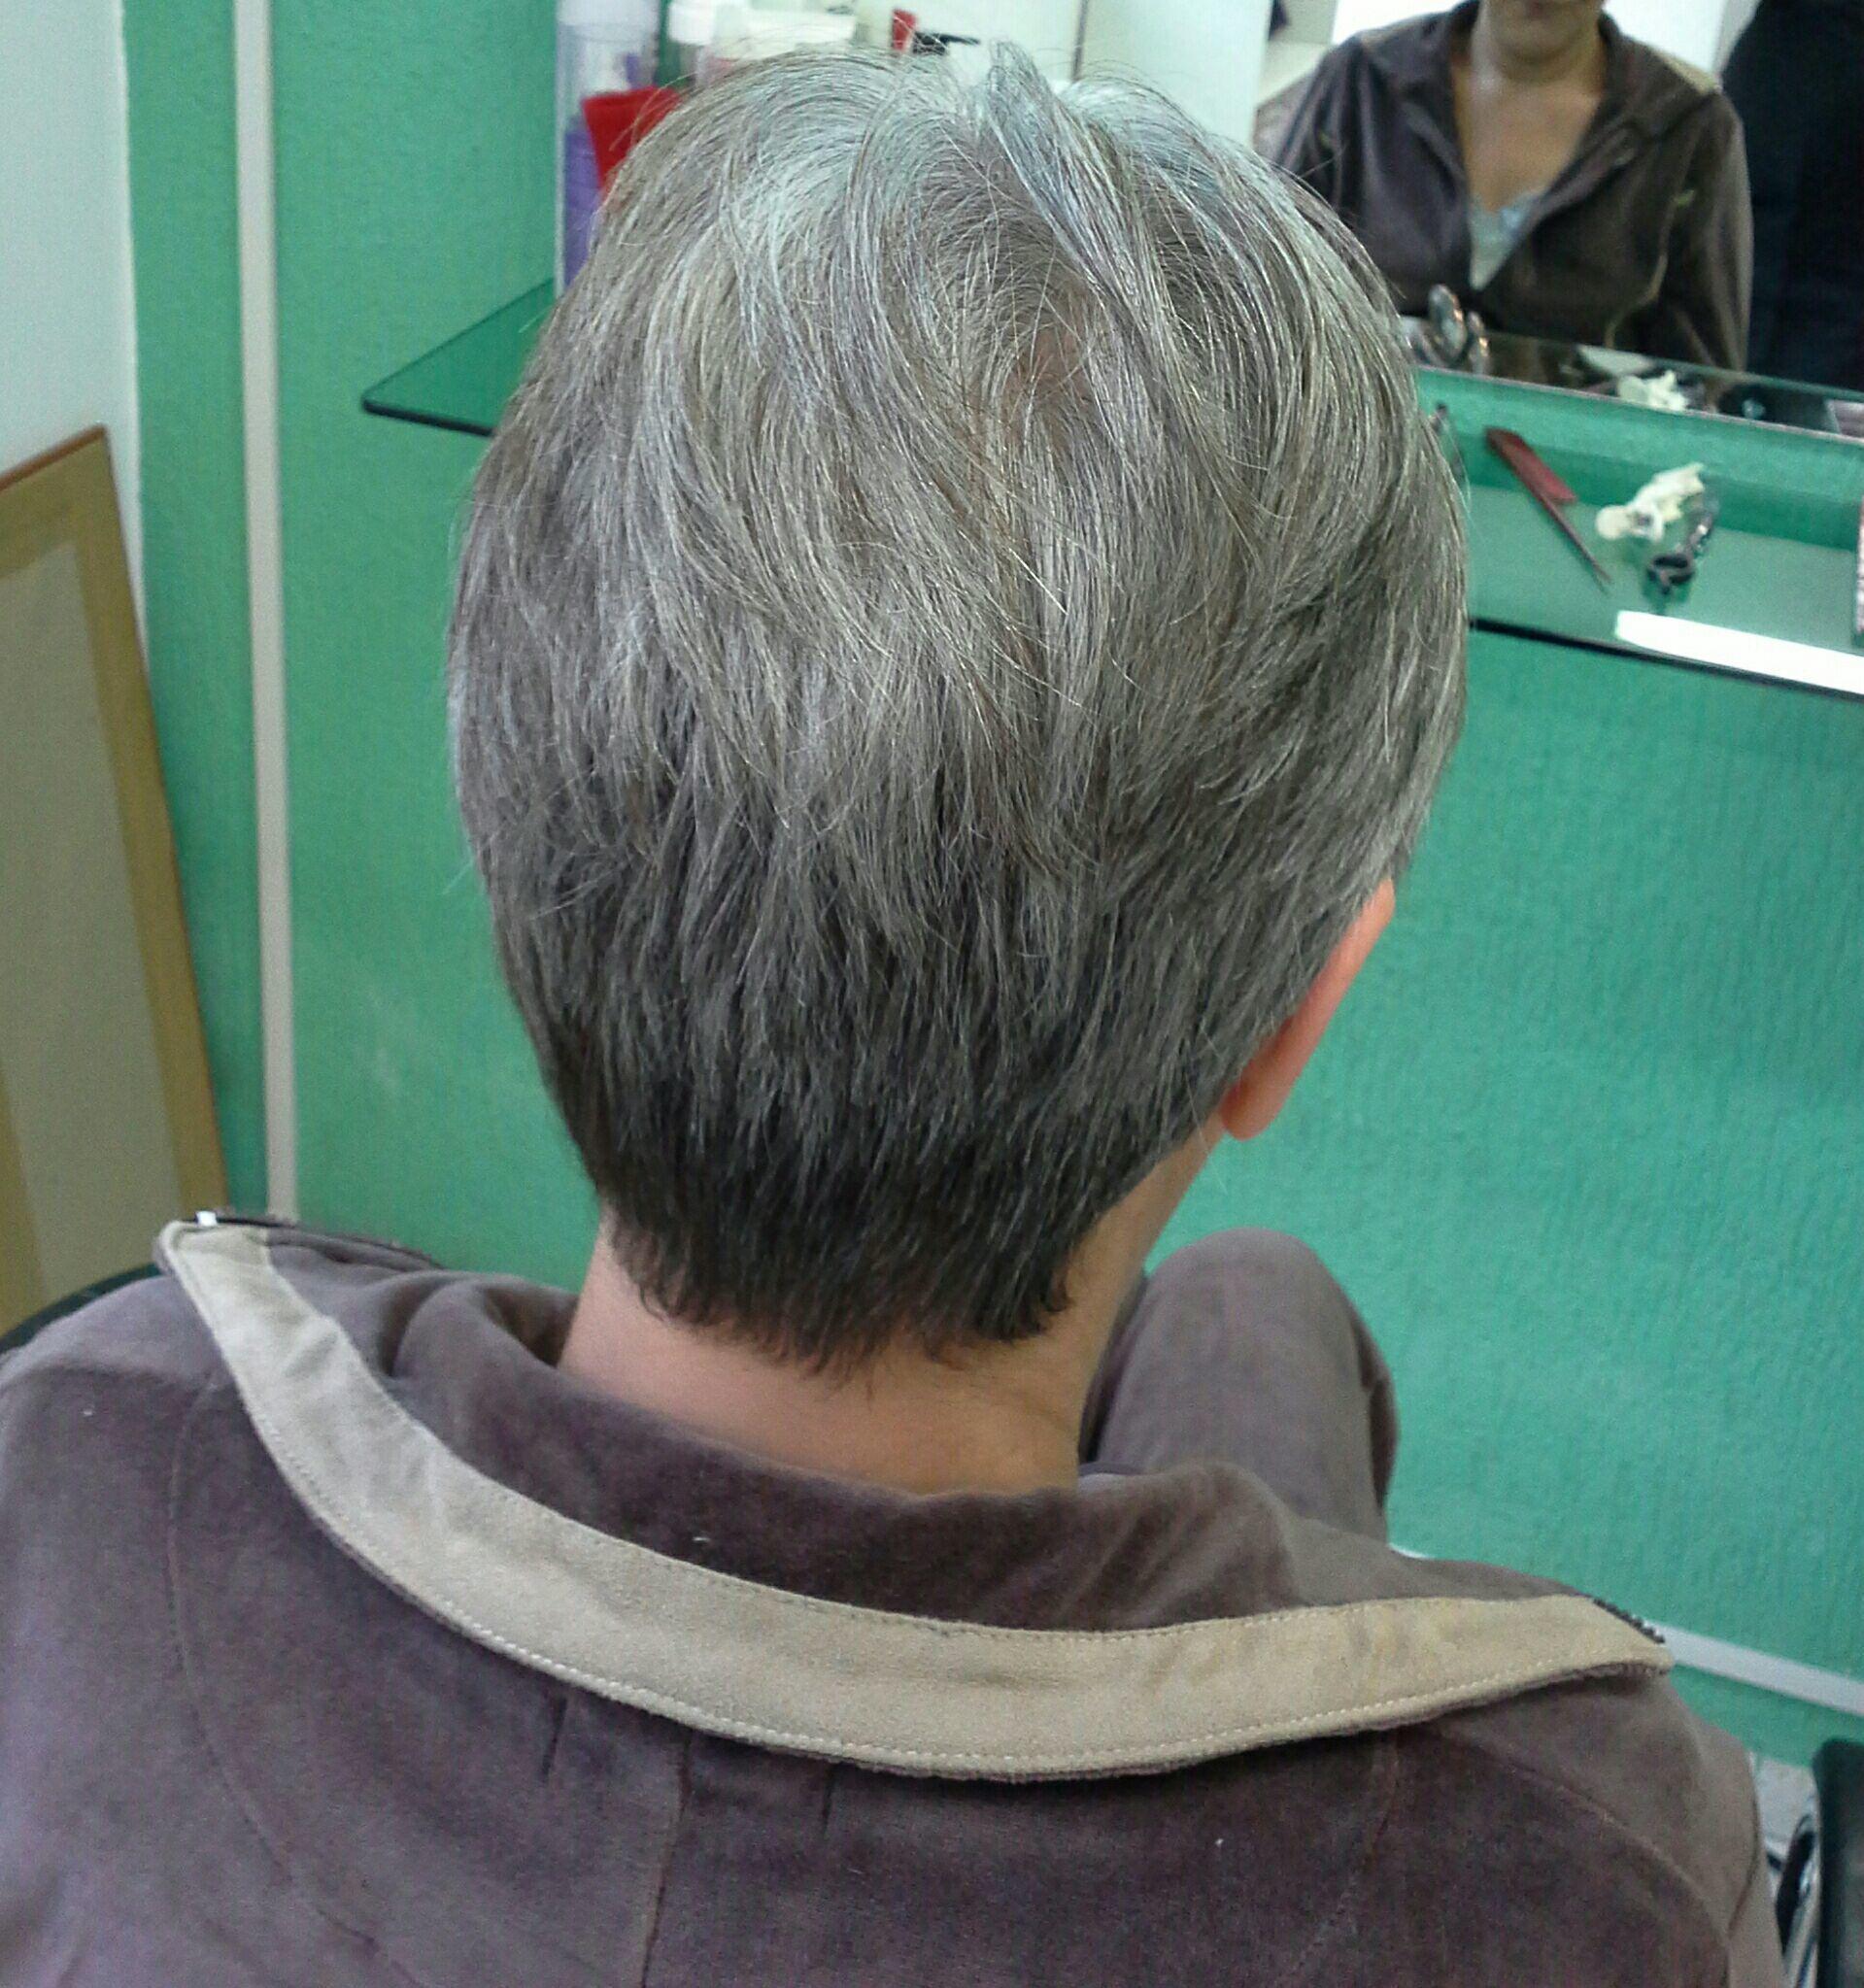 Corte curto cabelo stylist / visagista cabeleireiro(a)